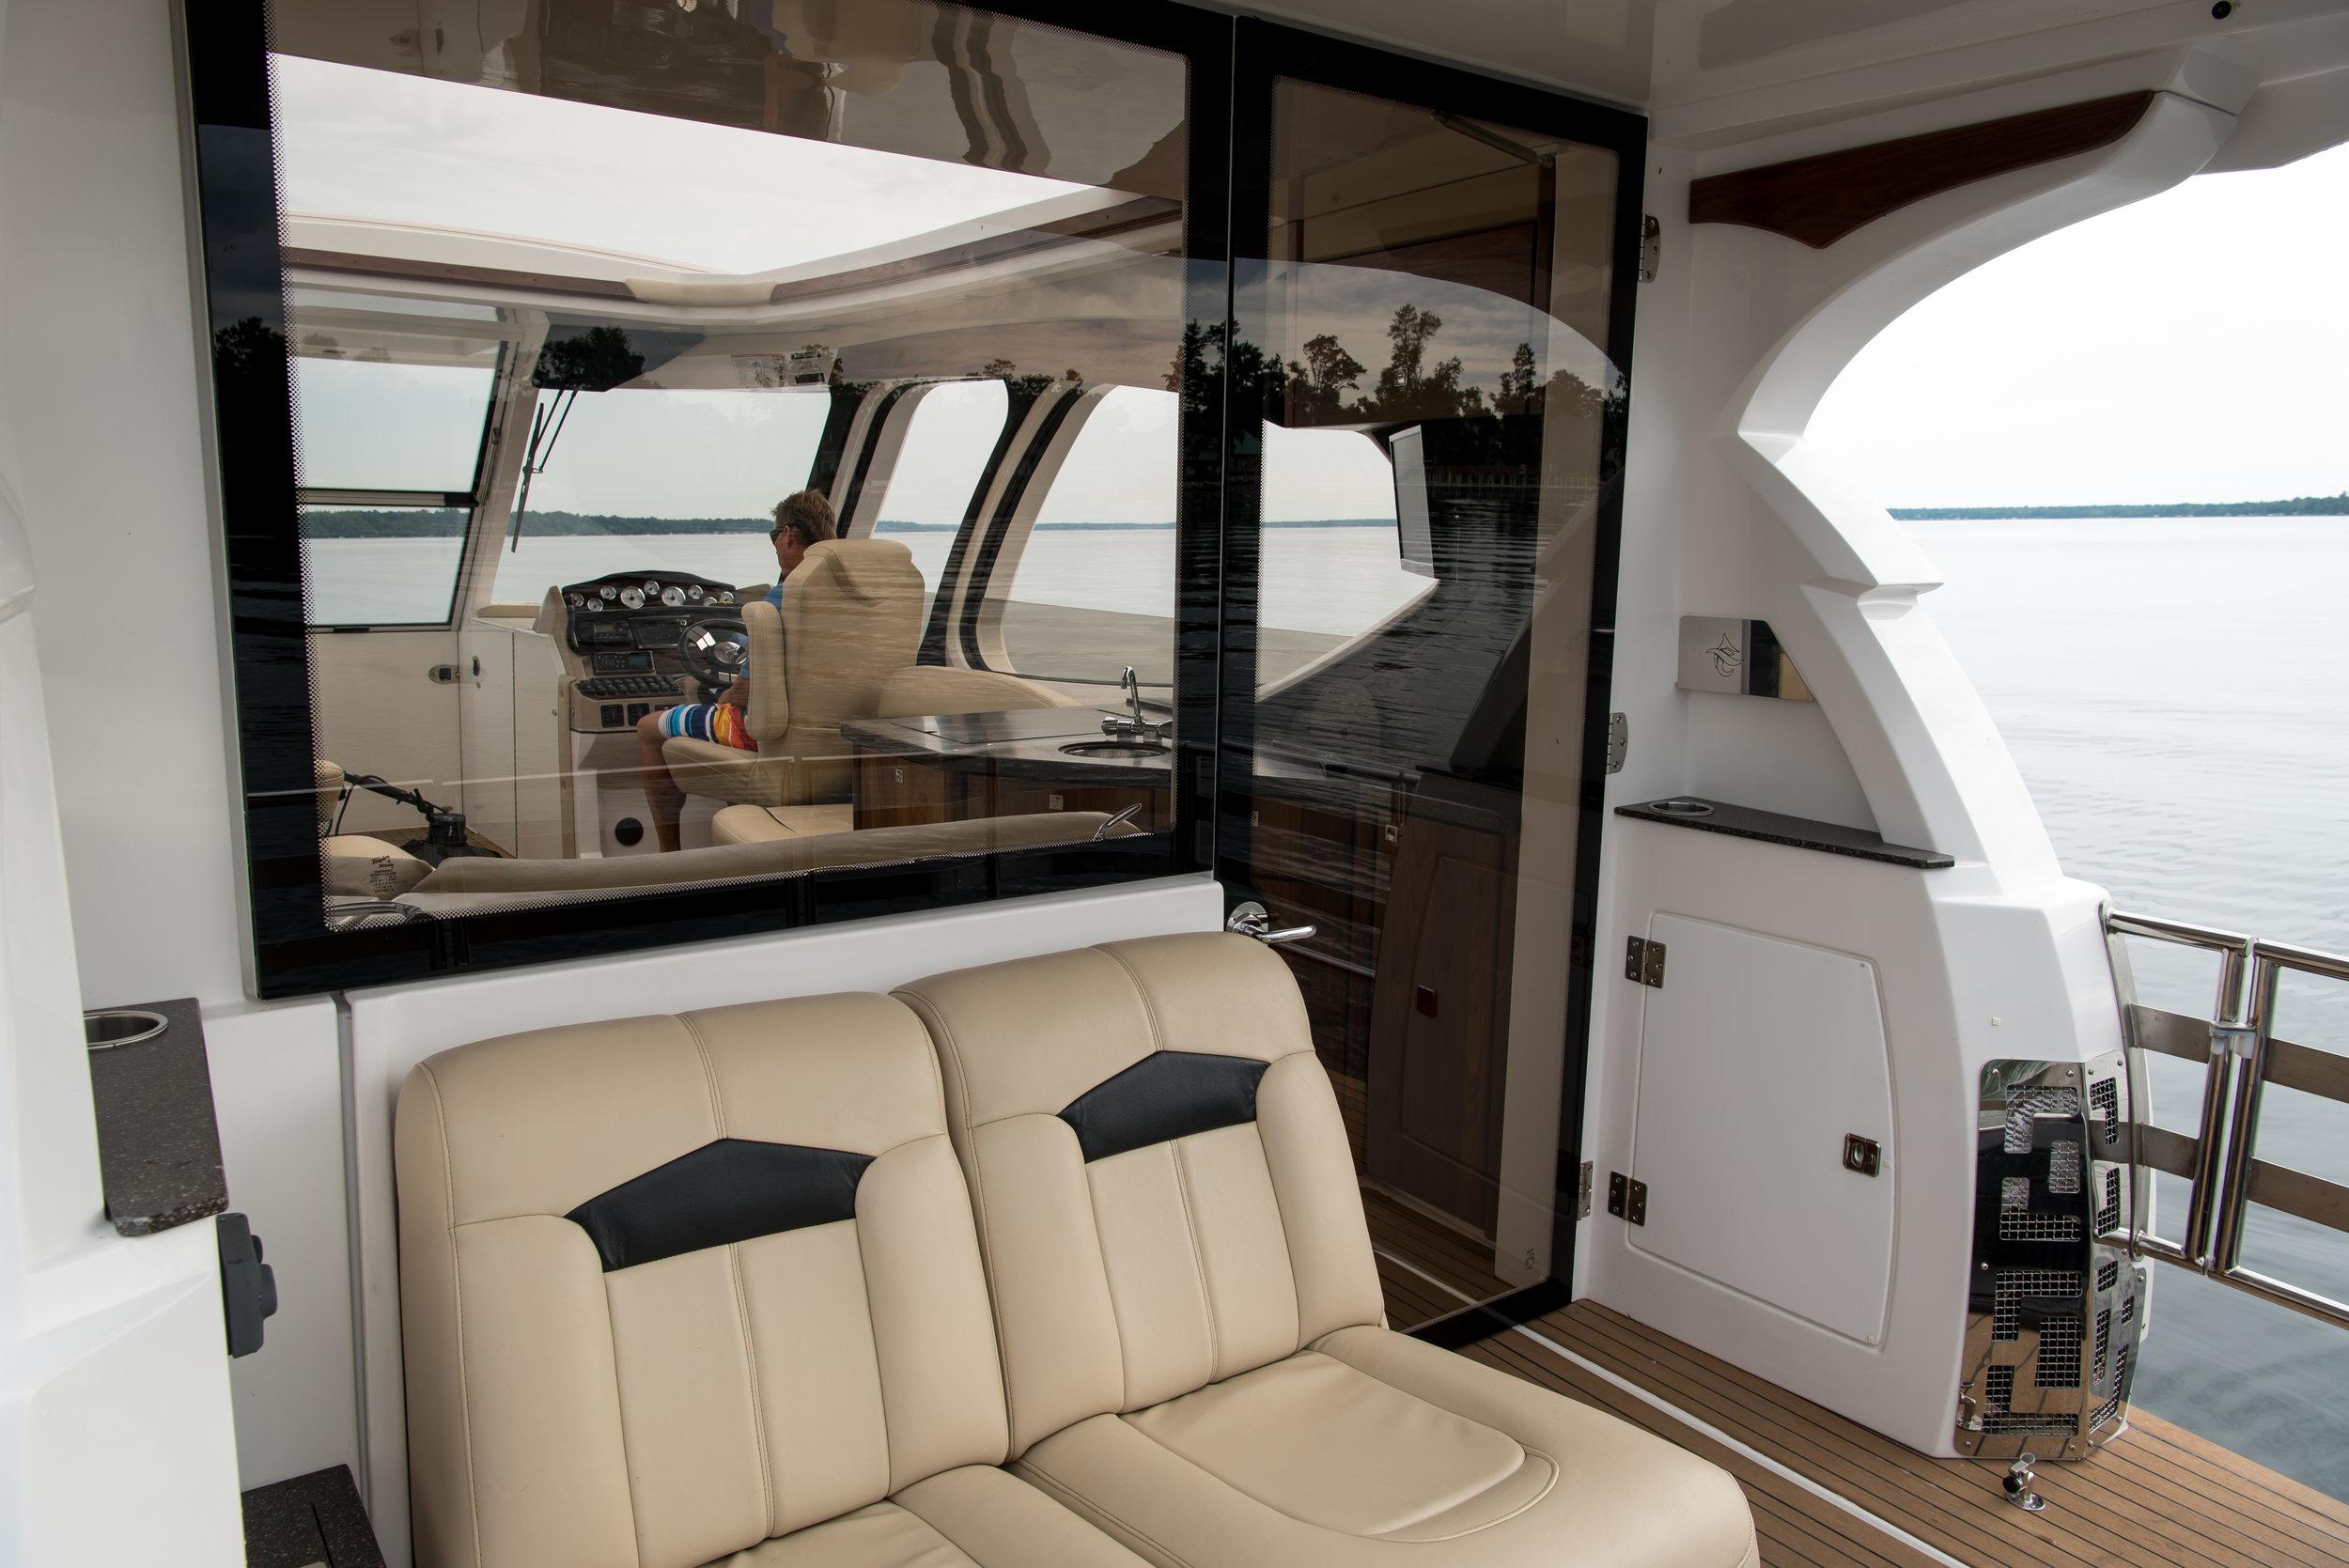 FLOE_CRAFT_stern deck into cabin.jpg